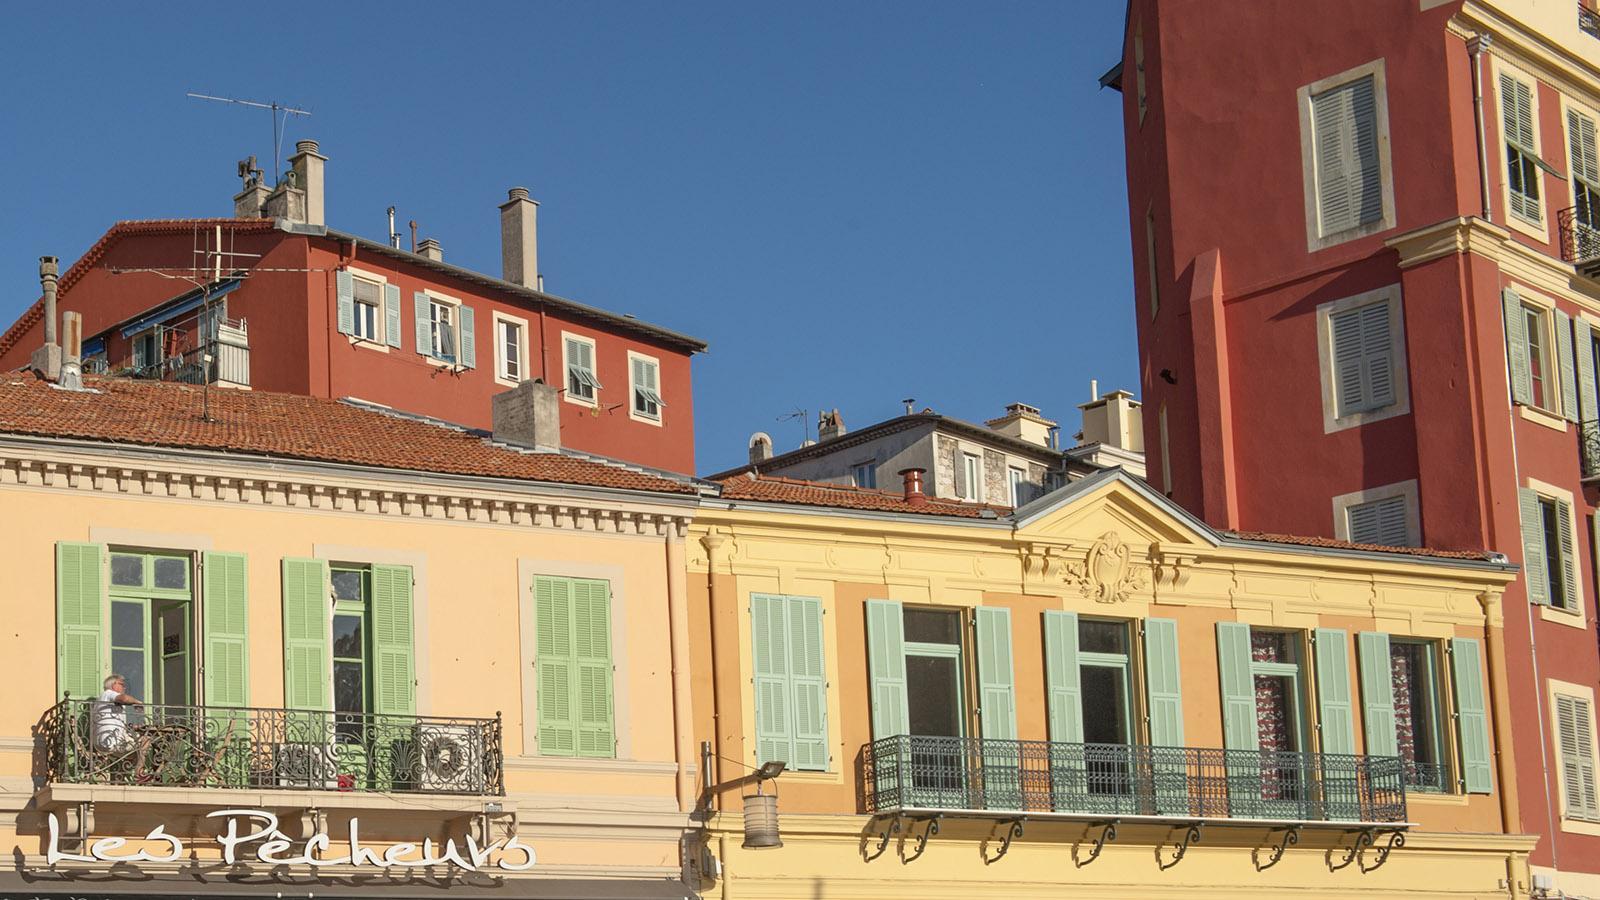 Sonnengelb, ockerrot und grün - die Farben der Fassaden von Nizza verkünden die Nähe Italiens. Foto: Hilke Maunder